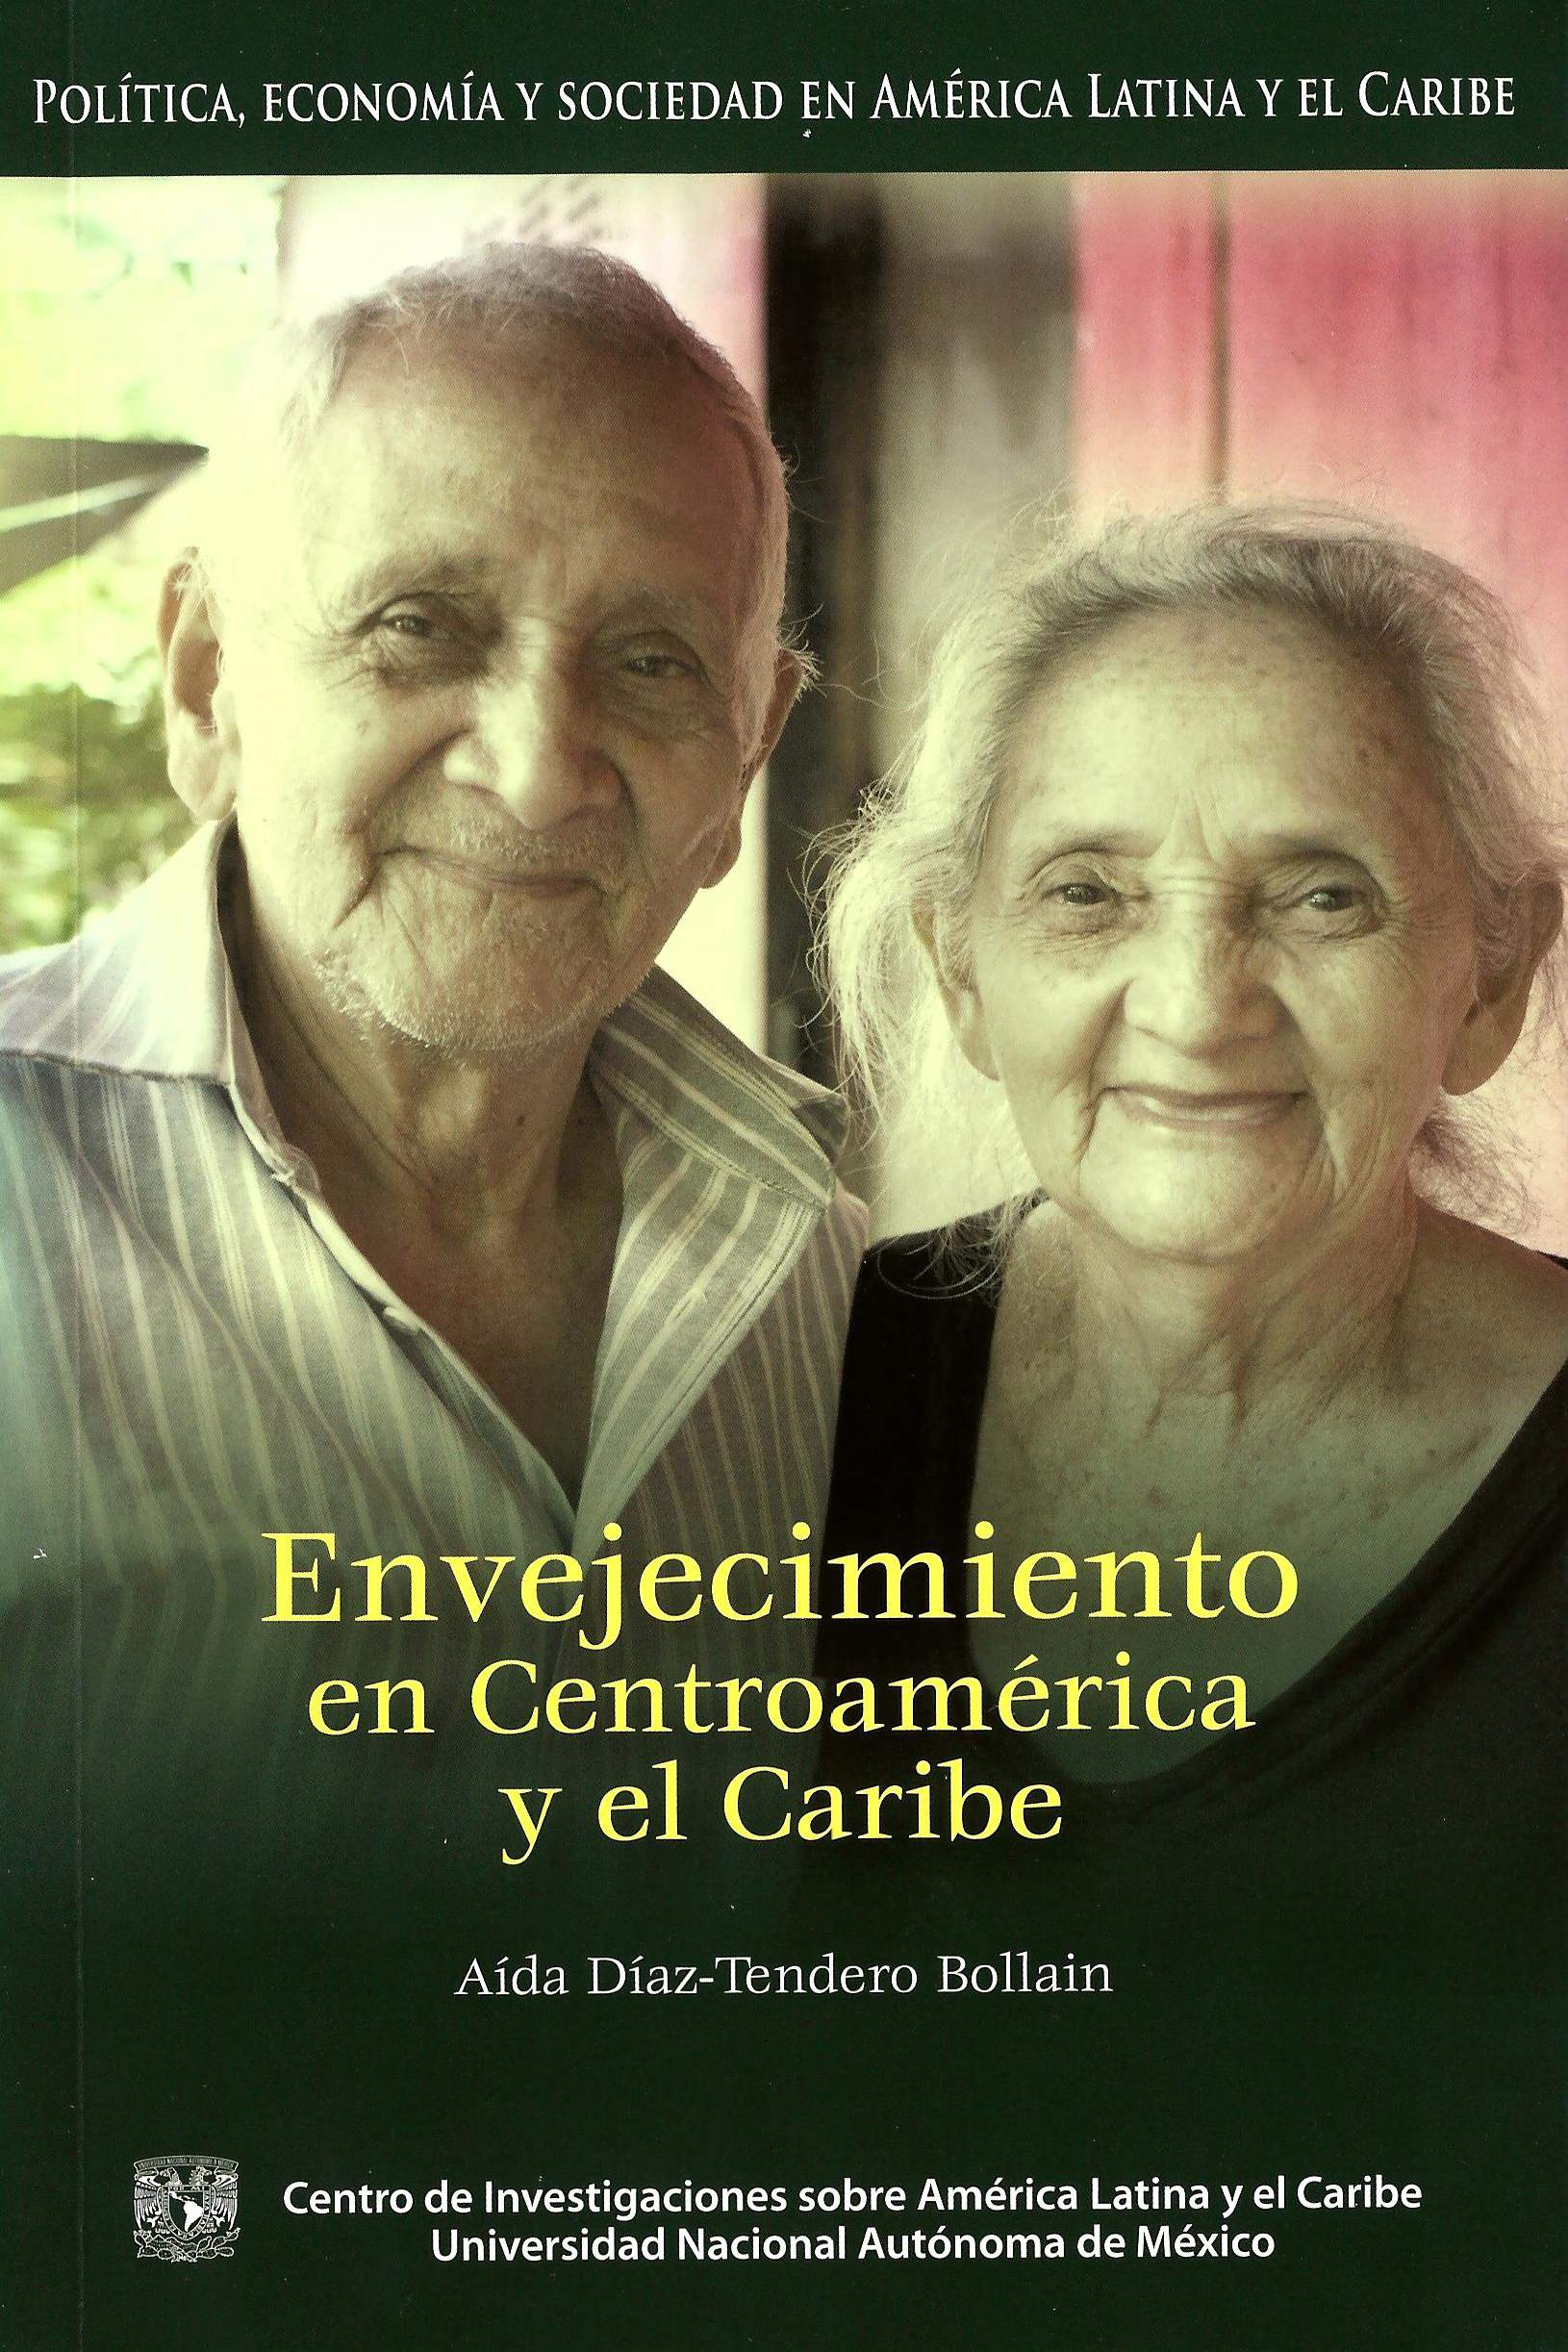 Envejecimiento en Centroamérica y el Caribe